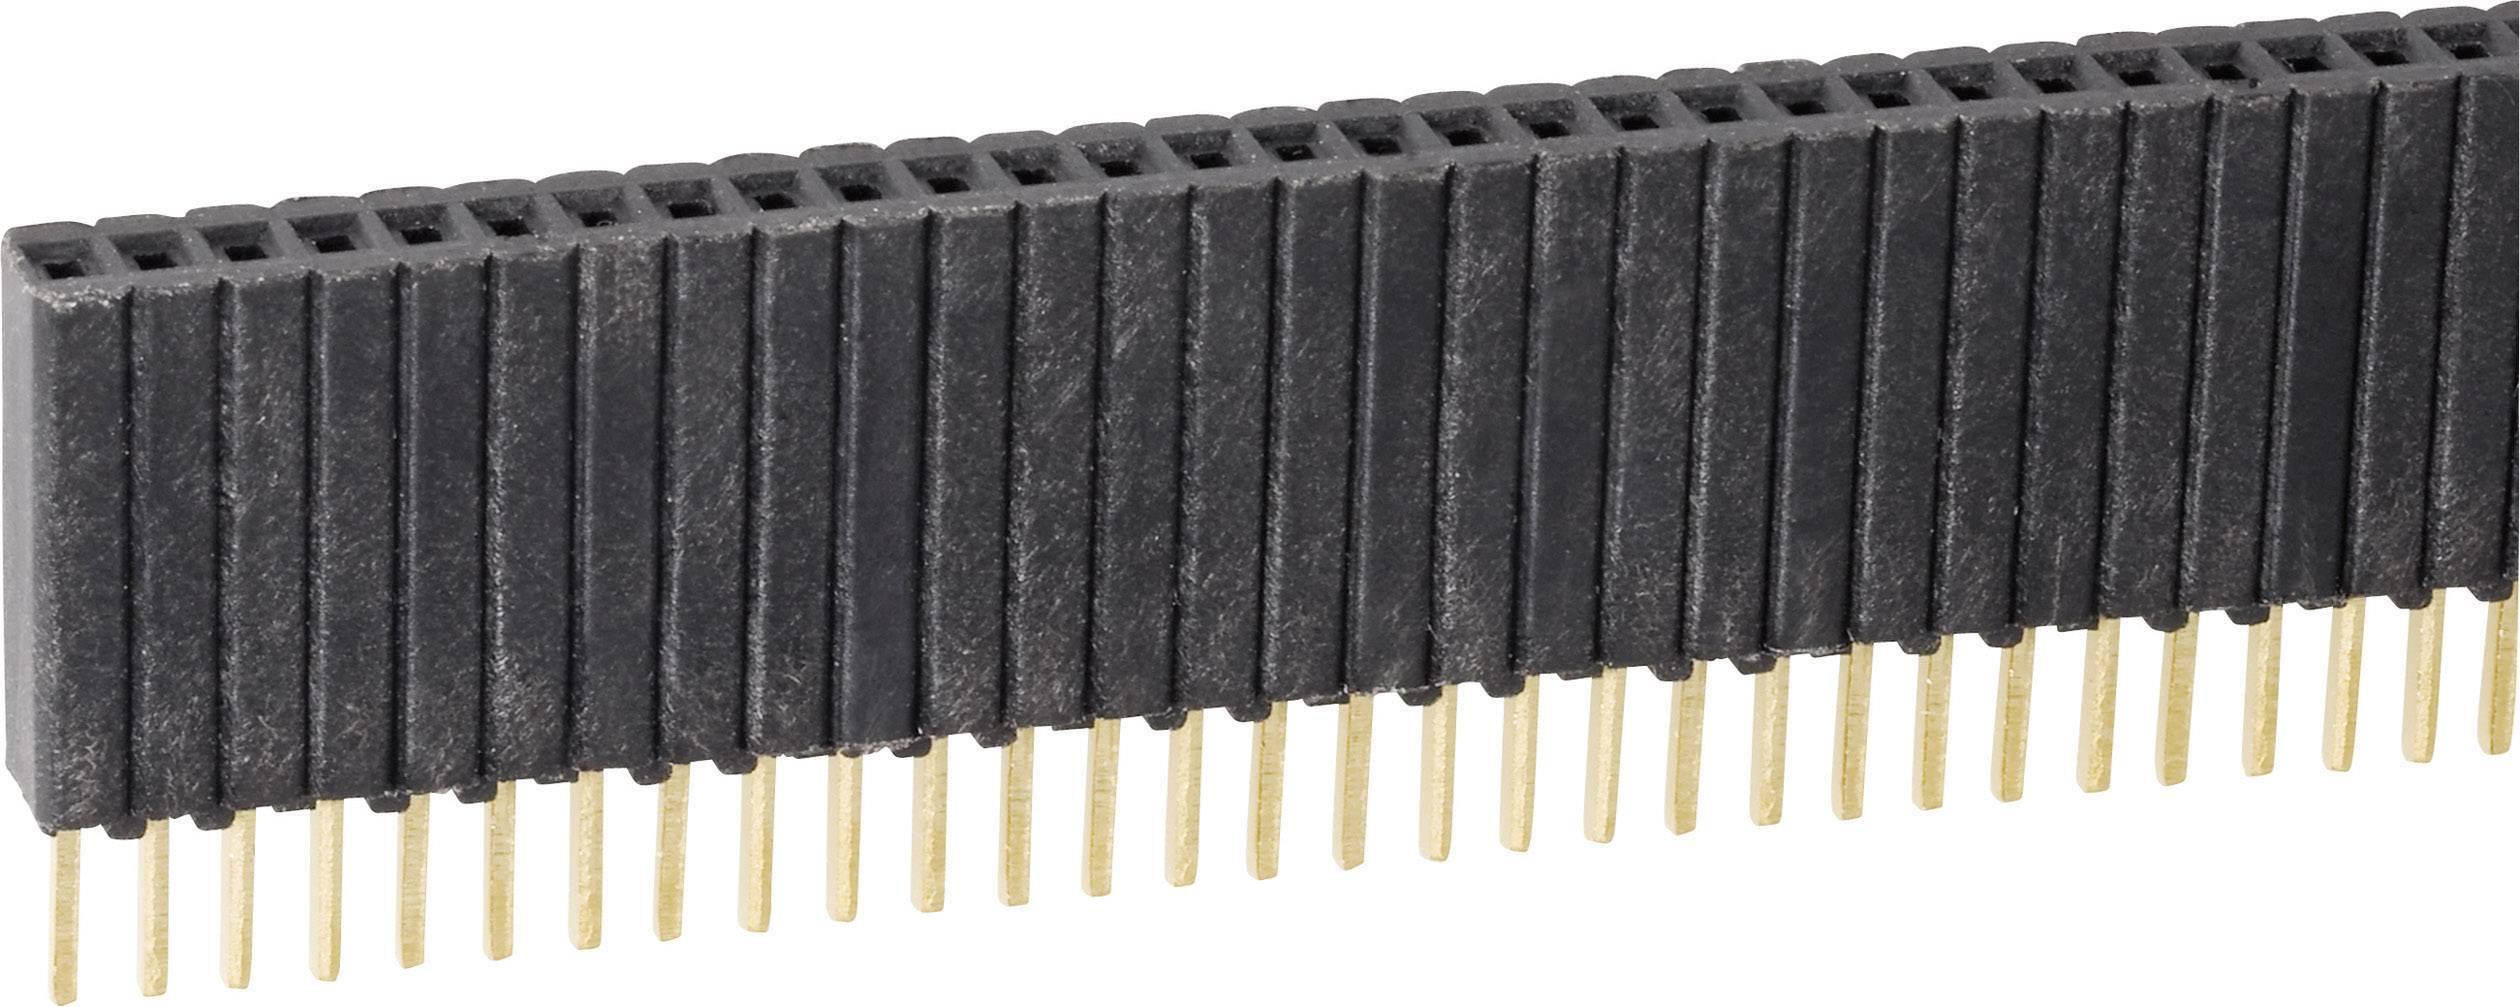 Zásuvková lišta Fischer Elektronik BLM KG 1/ 36/Z, řádky 1, kontakty na řádek 36, 1 ks